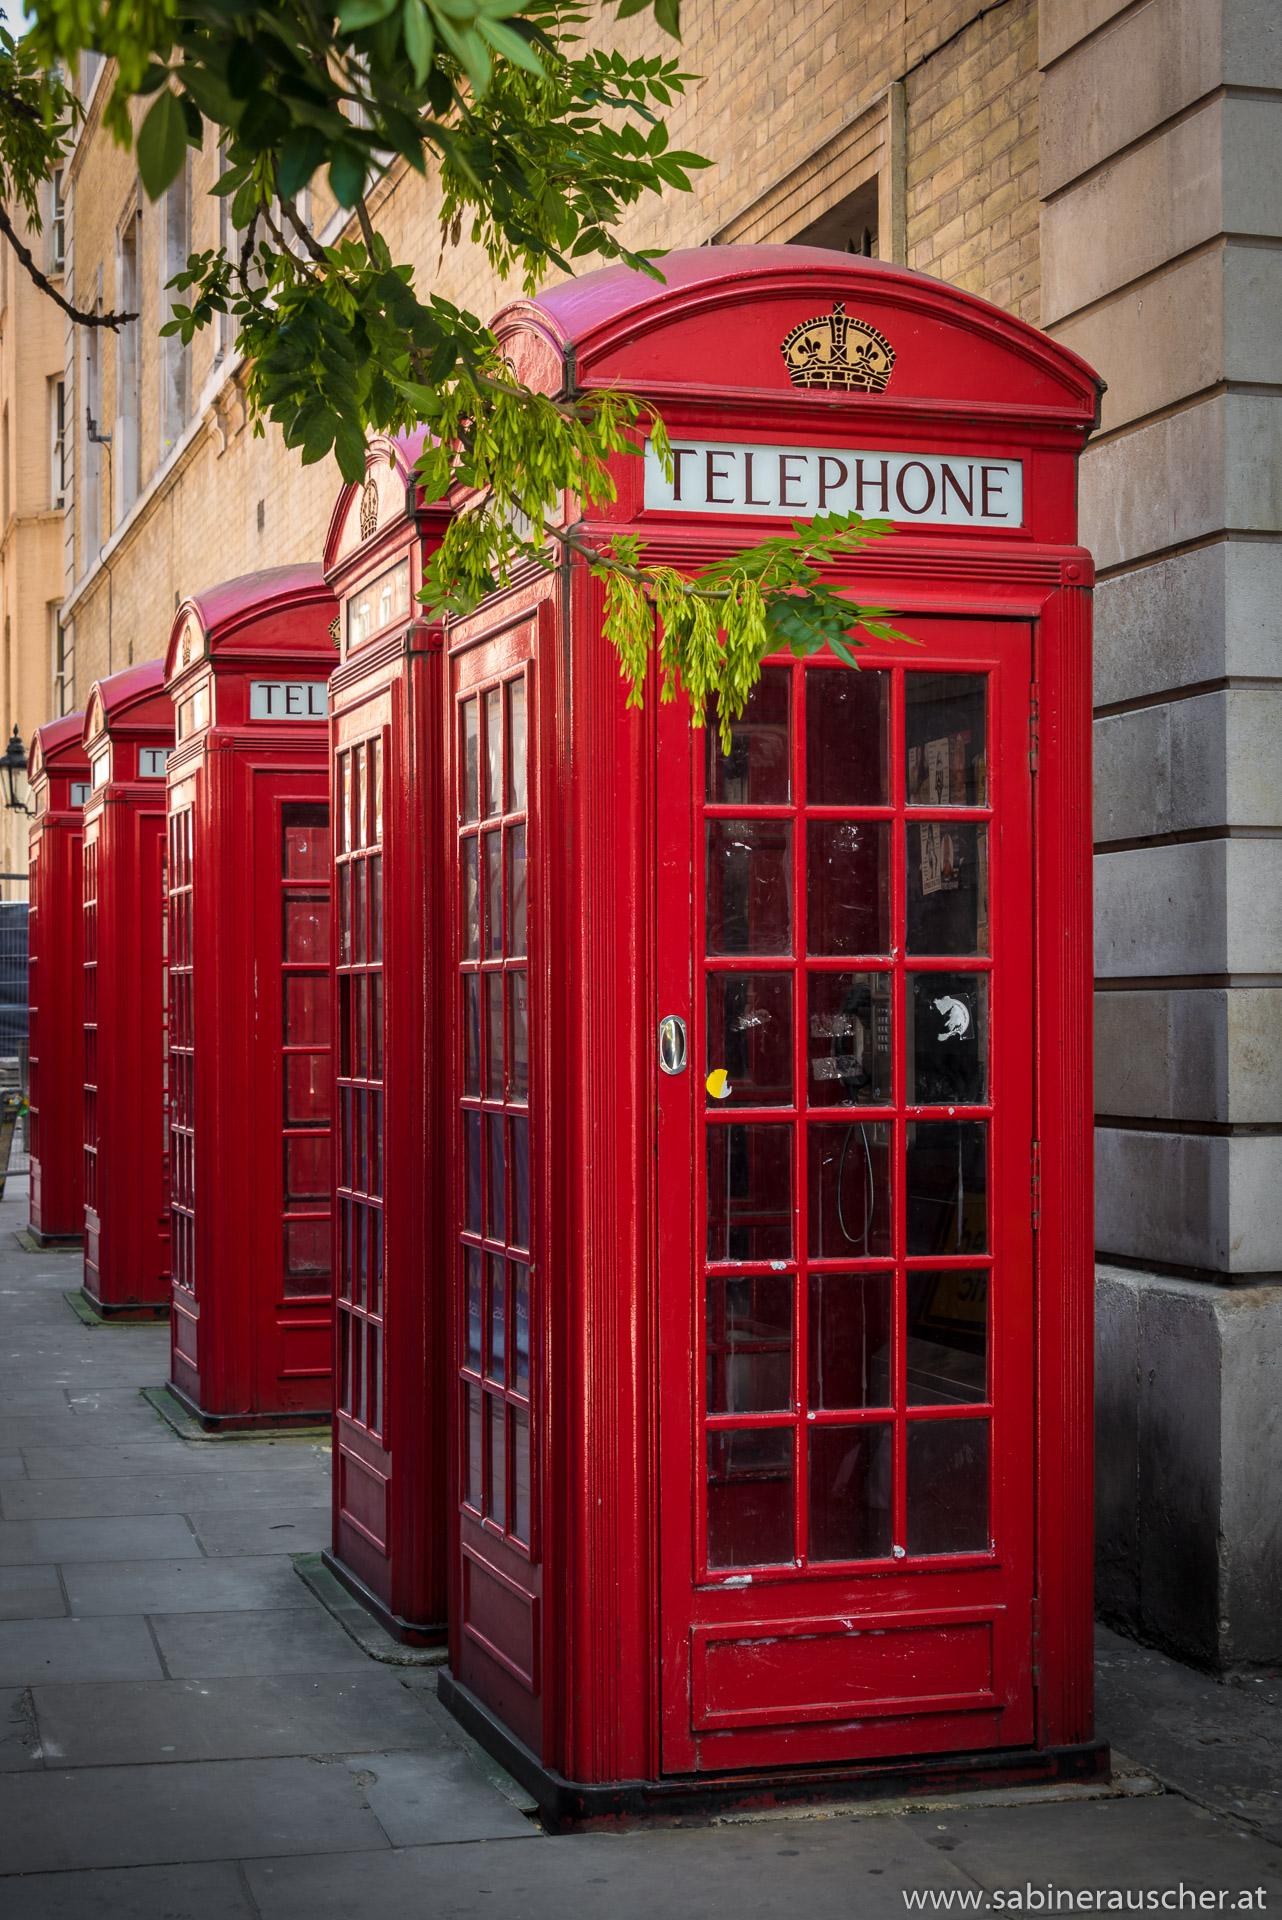 phone booths in London | typische Telefonzellen in London